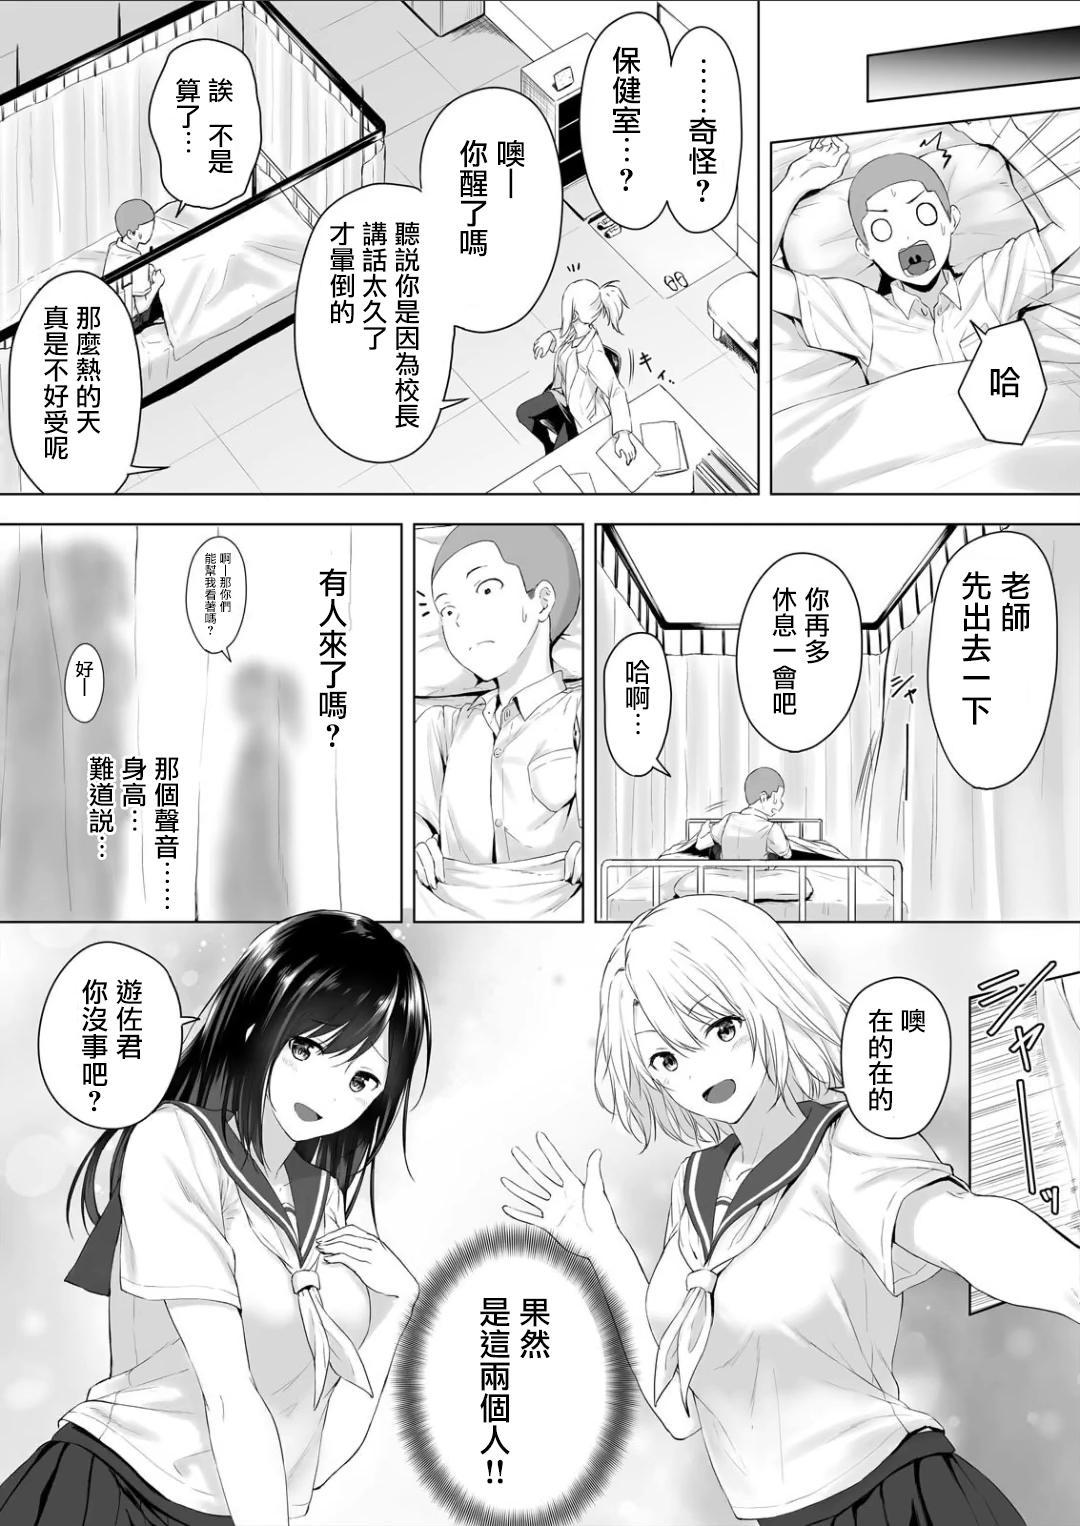 [Hachimitsu] Shinchousa 40cm, Kyou mo Omocha ni Saretemasu ~ Dekkai JK no Iinari SEX (1)  | 身高差40cm、今天也被當作玩具任巨大JK擺佈的SEX ch.1 [Chinese] [沒有漢化] 5